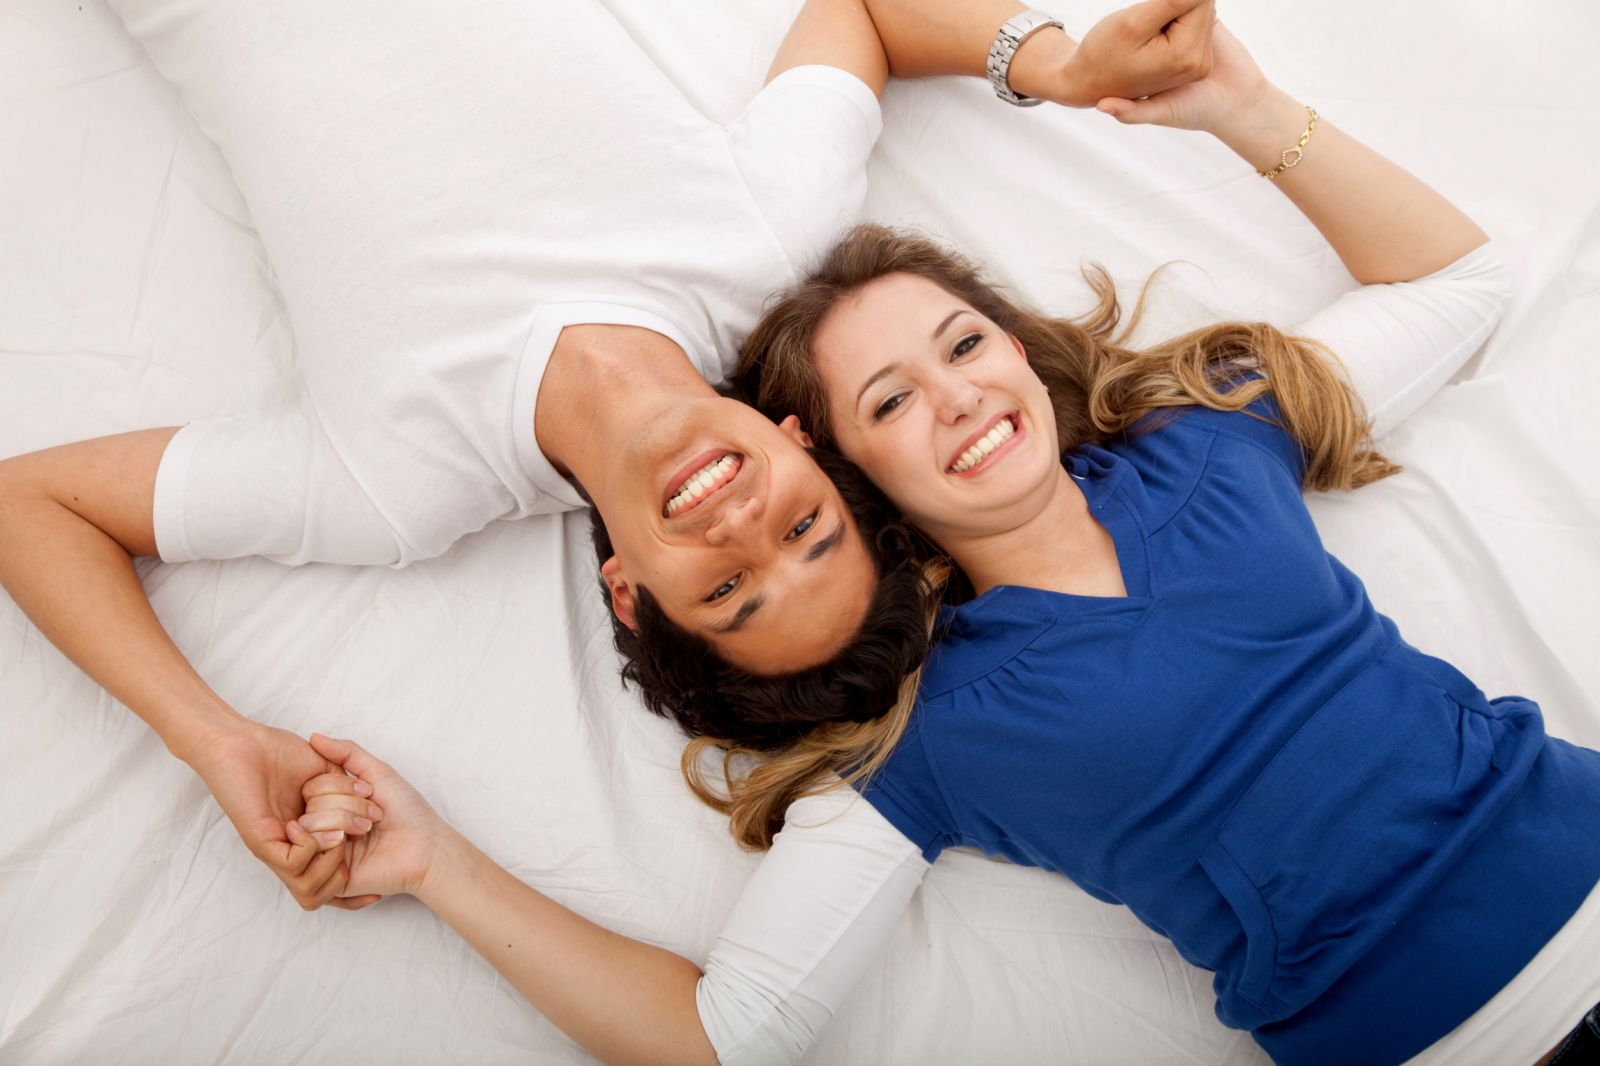 Секс с мужем во время его измены